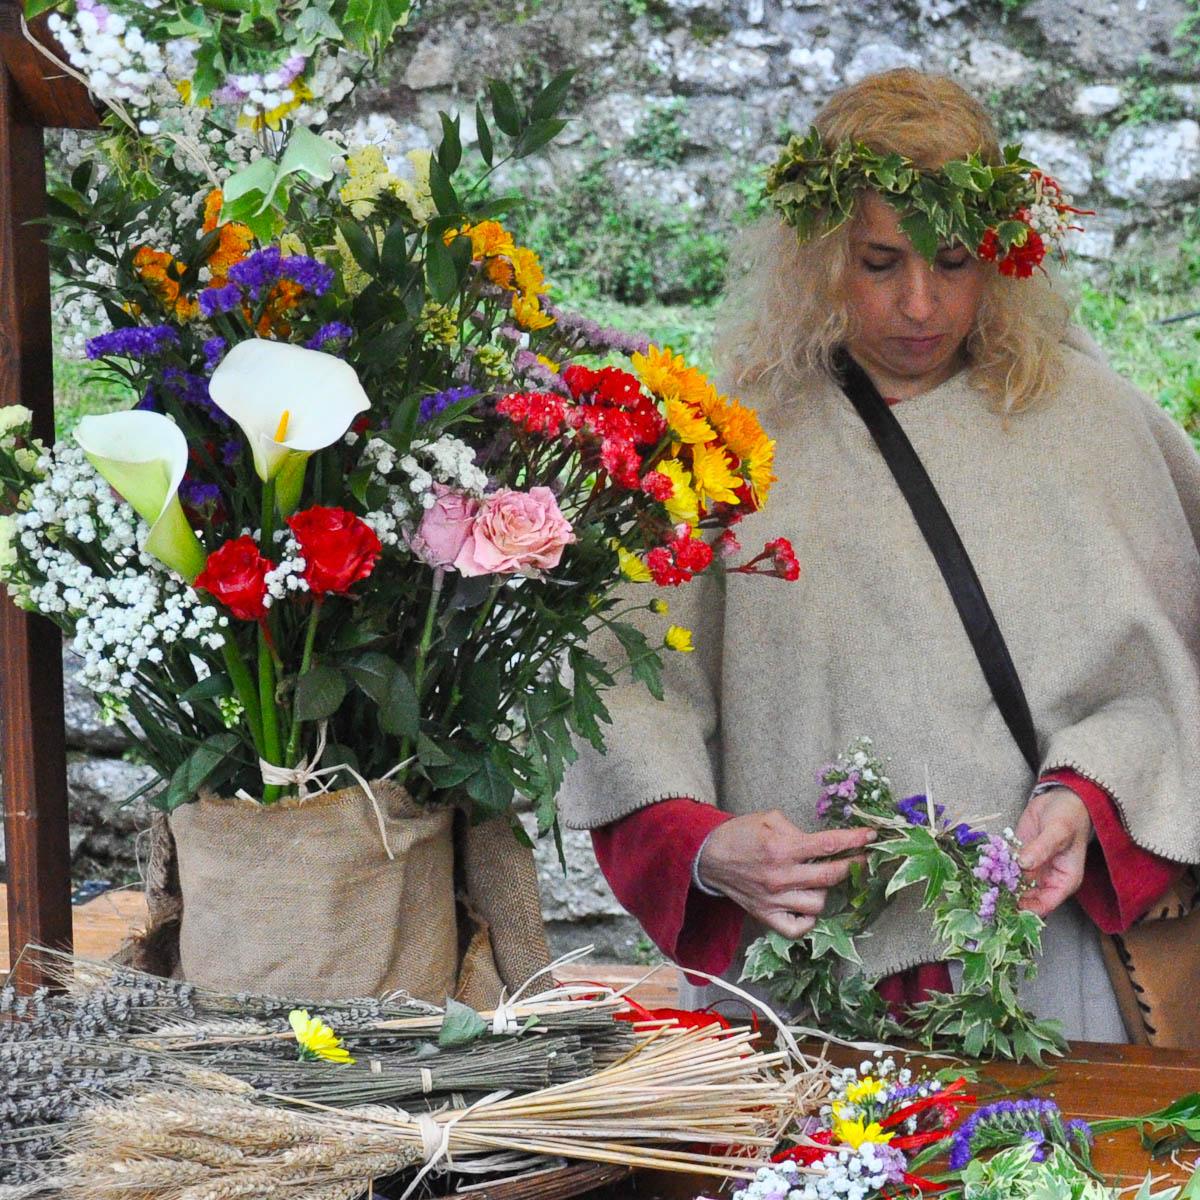 Flower Stall, Romeo and Juliet Festival - Faida, Montecchio Maggiore, Veneto, Italy